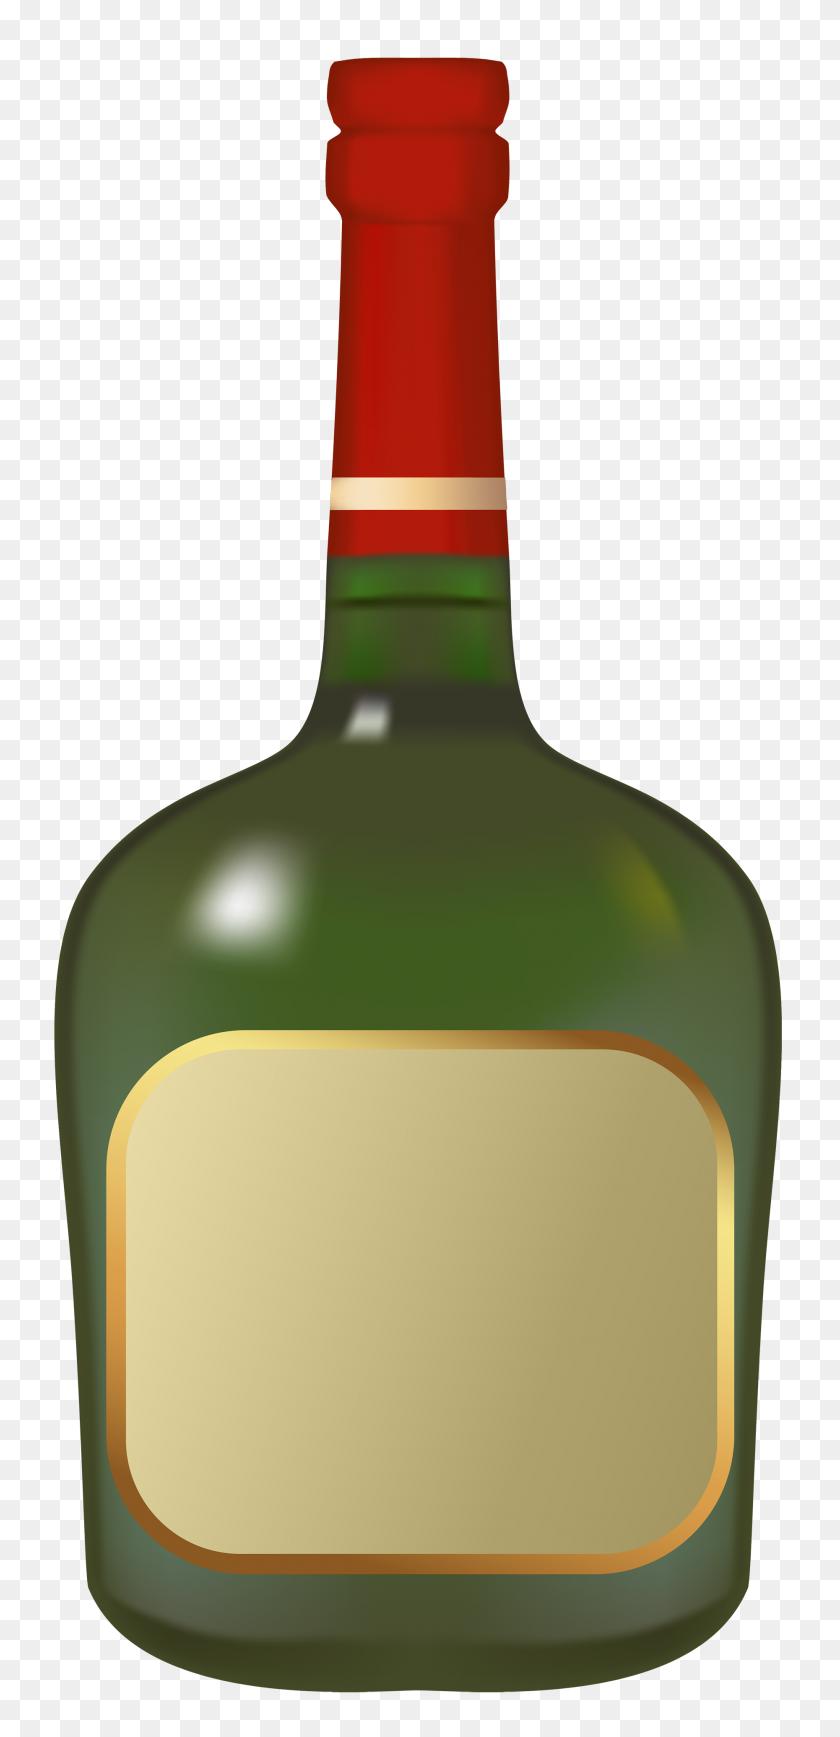 Bottle Clipart Plastic Bottle, Bottle Plastic Bottle Transparent - Plastic Bottle Clipart